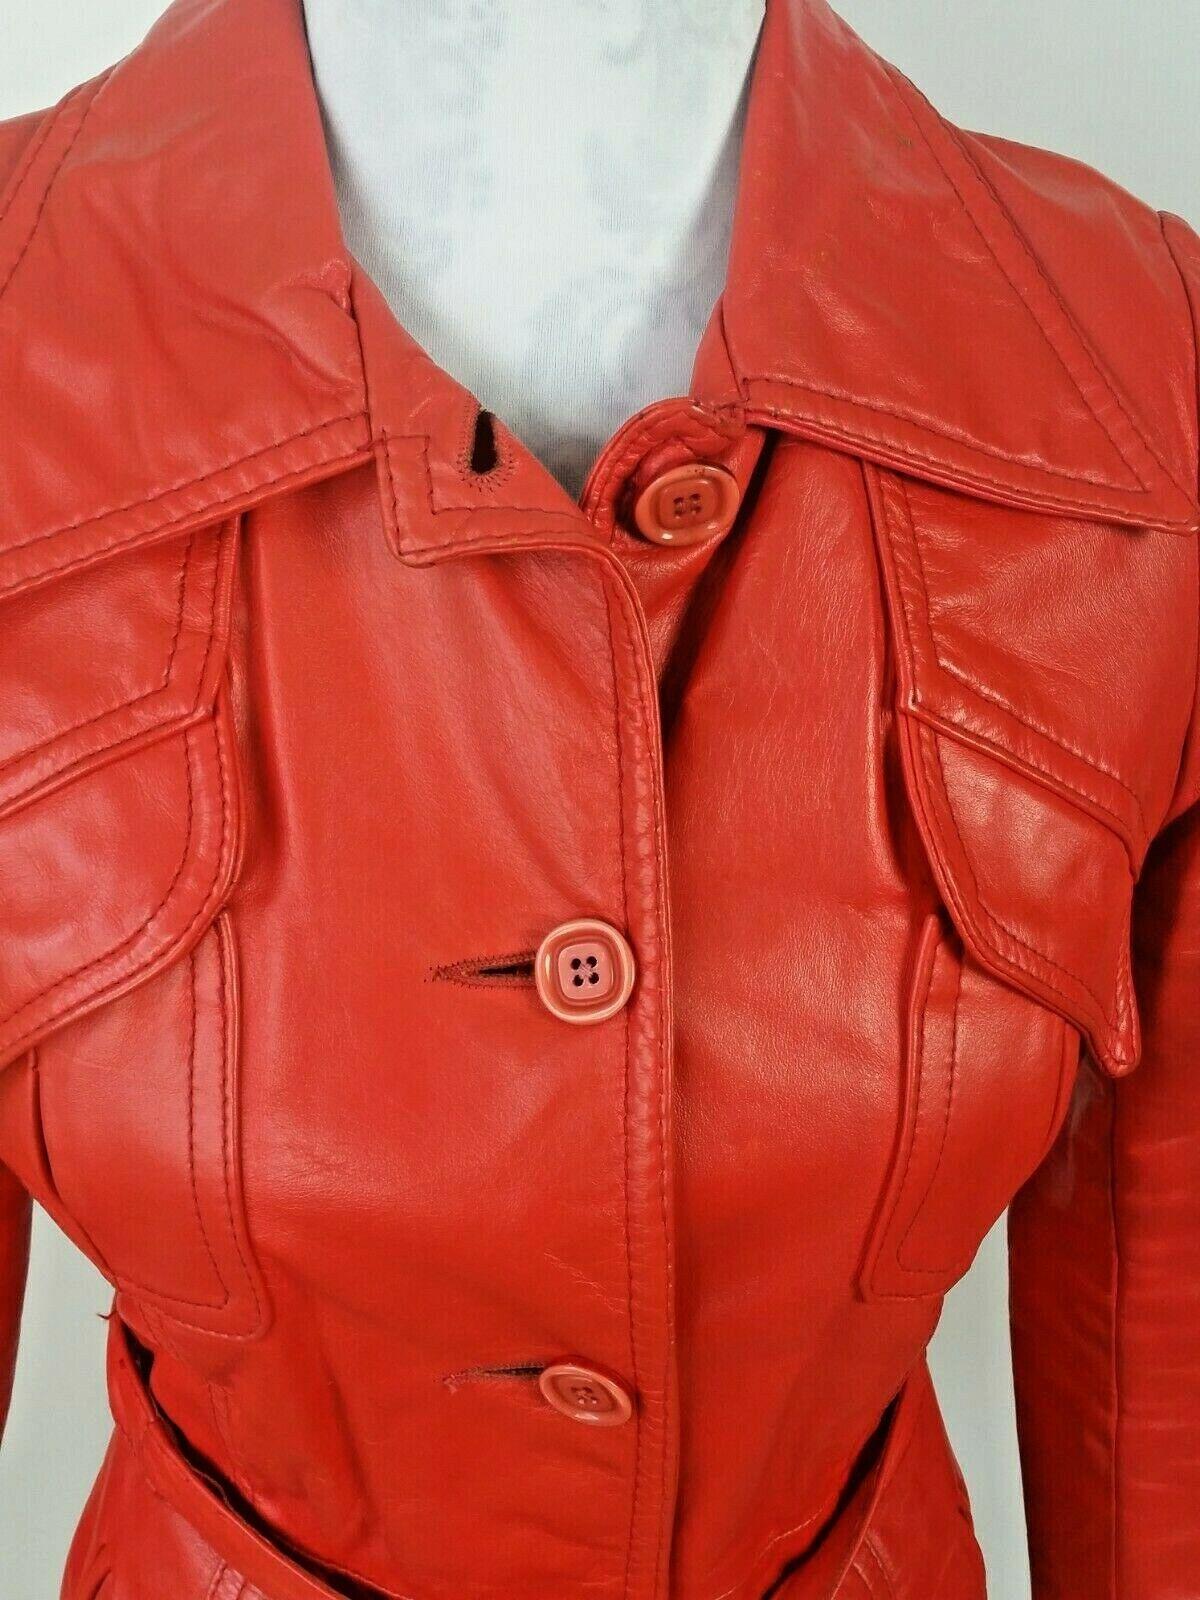 Vintage Orange Leather Womens Jacket Mod 1970s XS - image 2